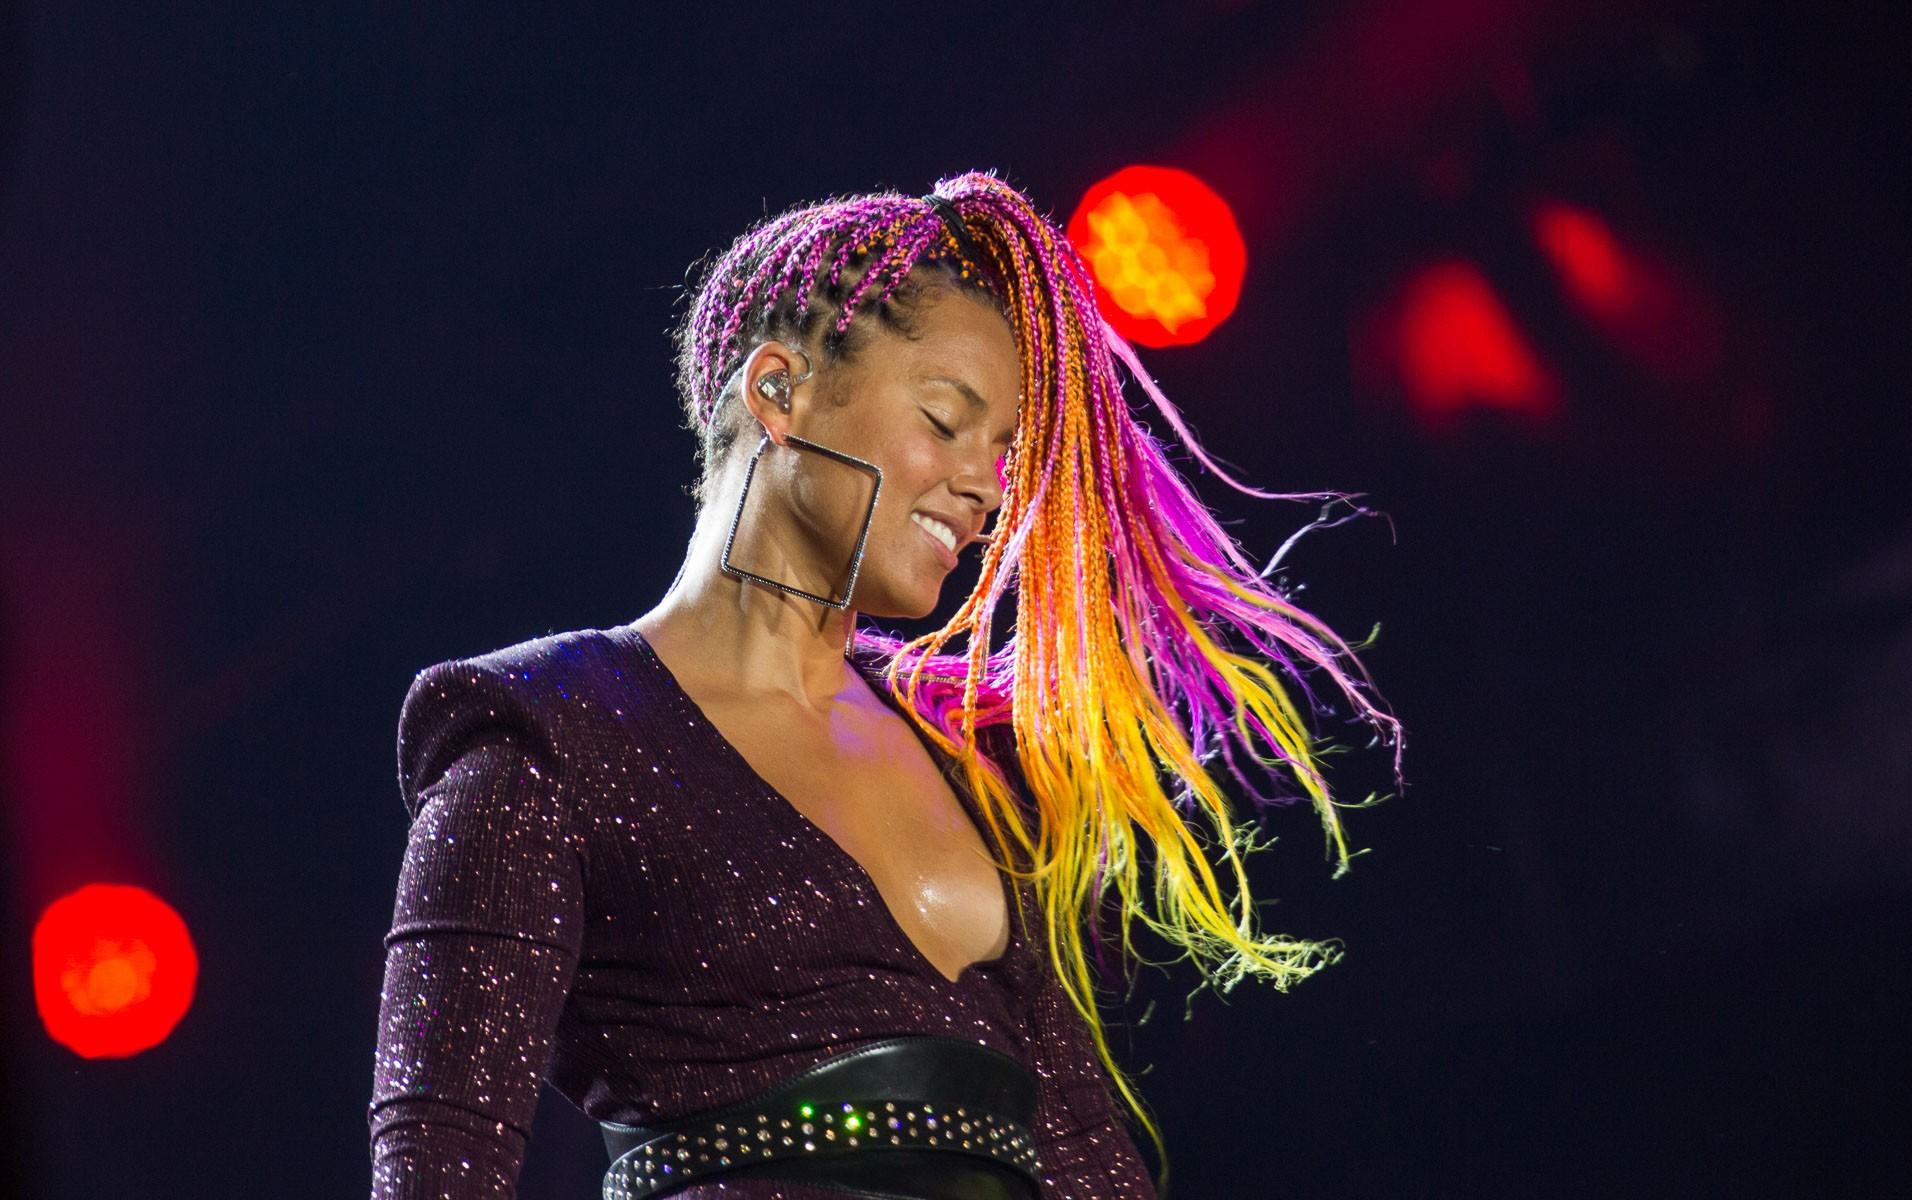 17-09 - MUNDO - Alicia Keys - Rock in Rio 2017 (Foto: Andr Bittencourt)